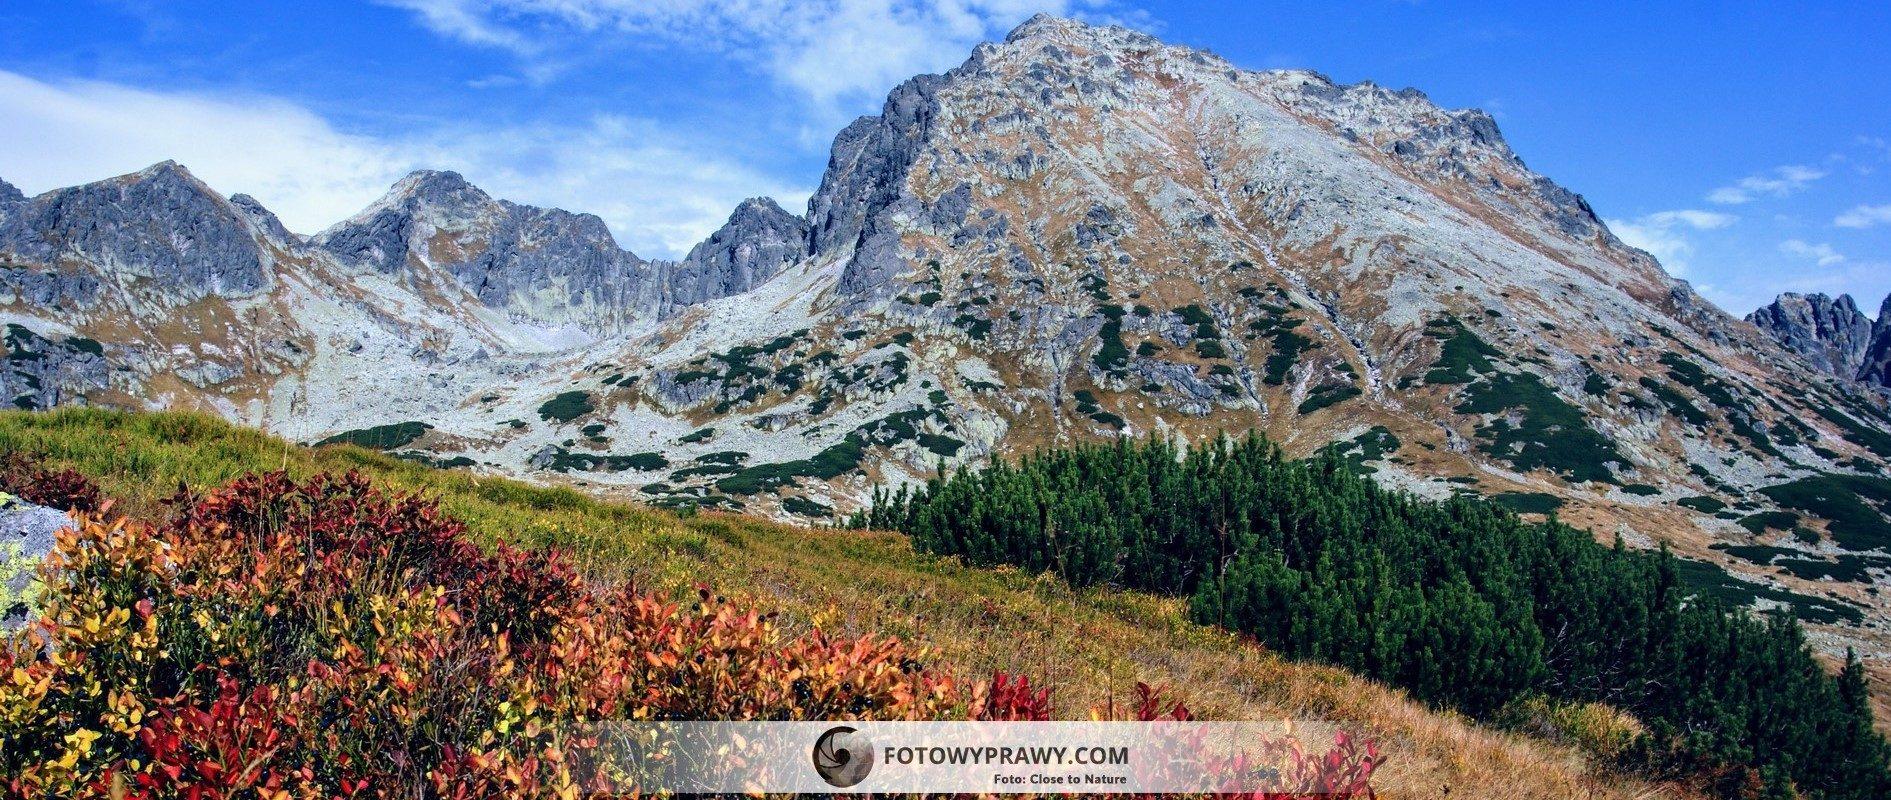 Jak przygotować się w góry – porady dla początkujących